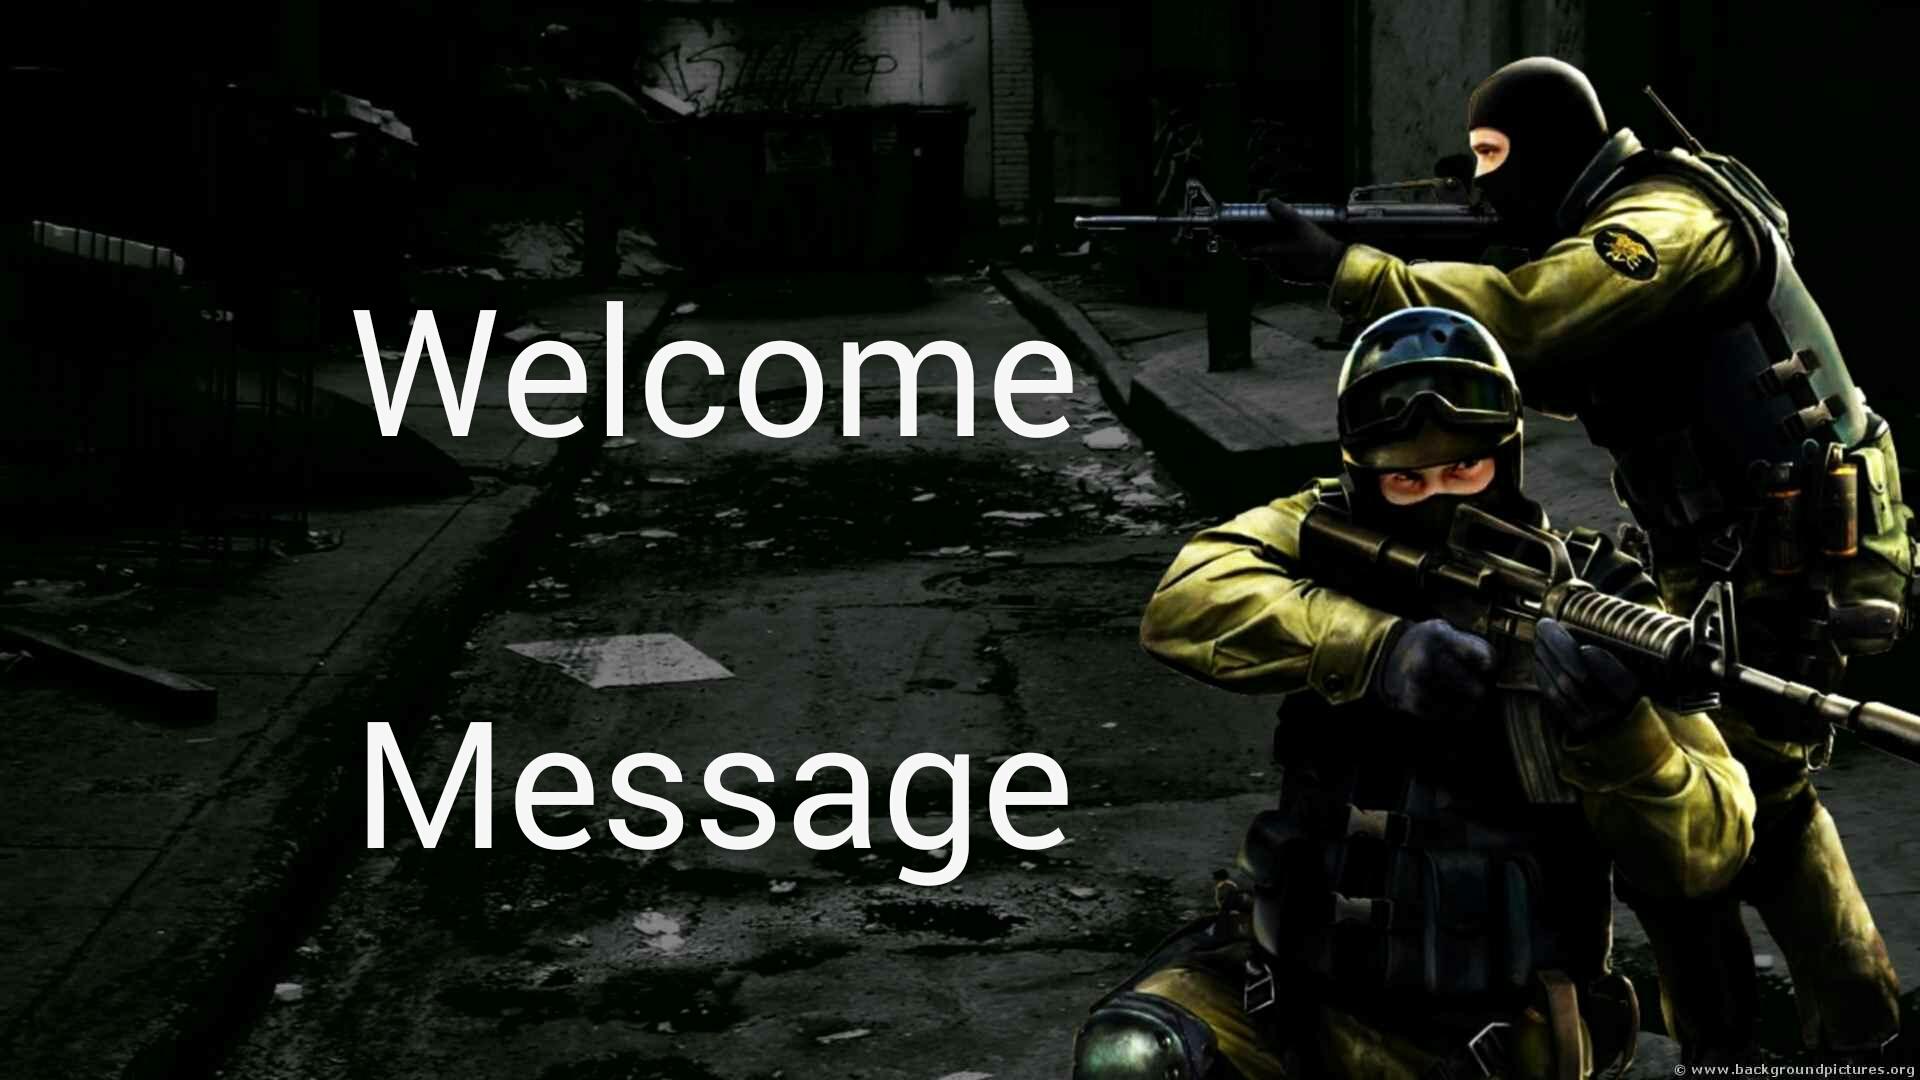 دانلود پلاگین Welcome Message برای کانتر استریک 1.6